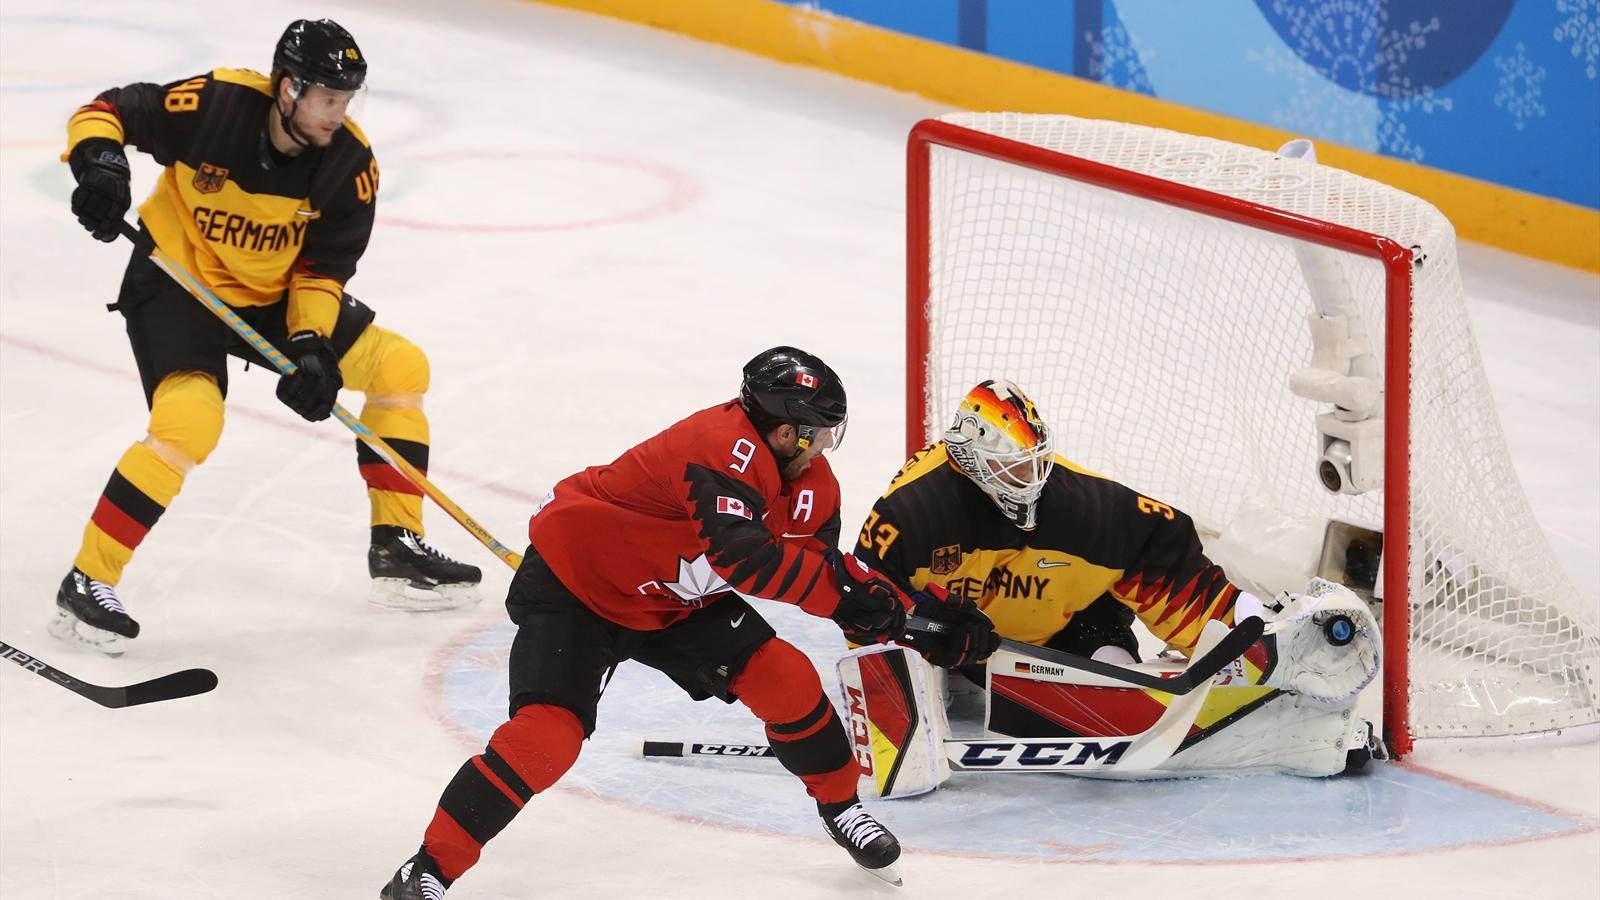 Eishockey Deutschland Kanada Live